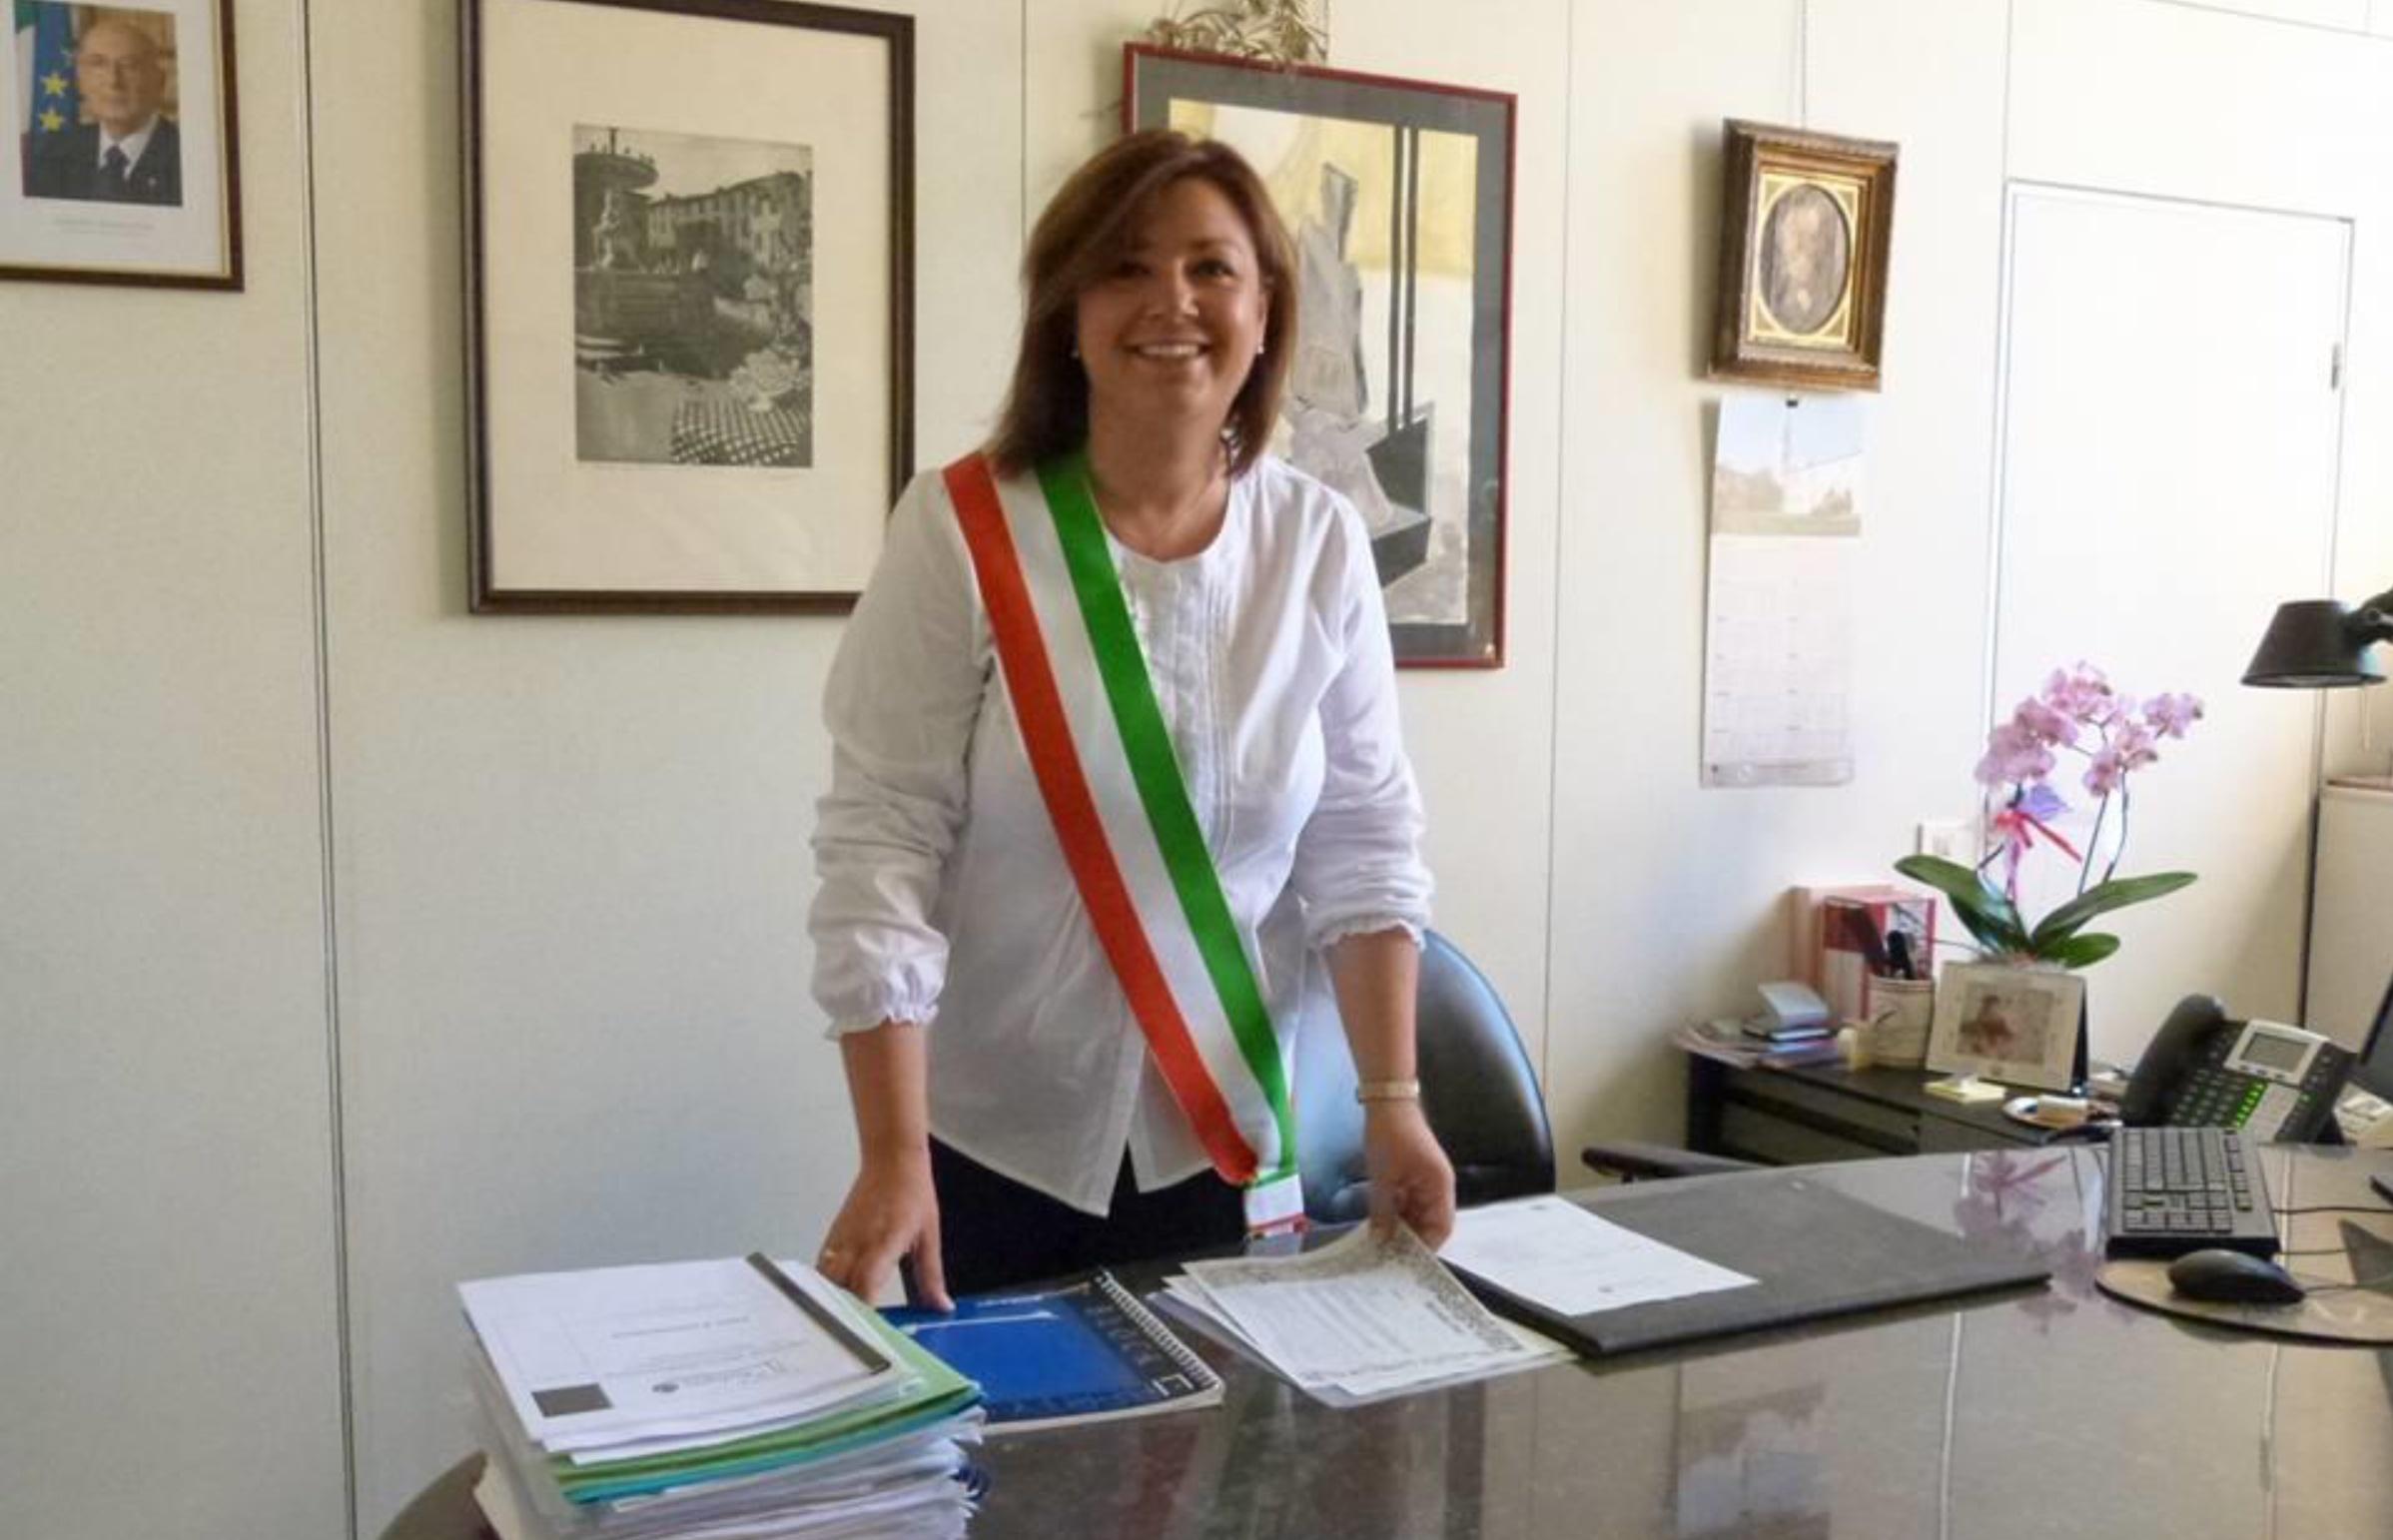 Coordinamento regionale di Avviso Pubblico. Il Sindaco di Rubano, Sabrina Doni, nominata Coordinatrice per la Regione del Veneto